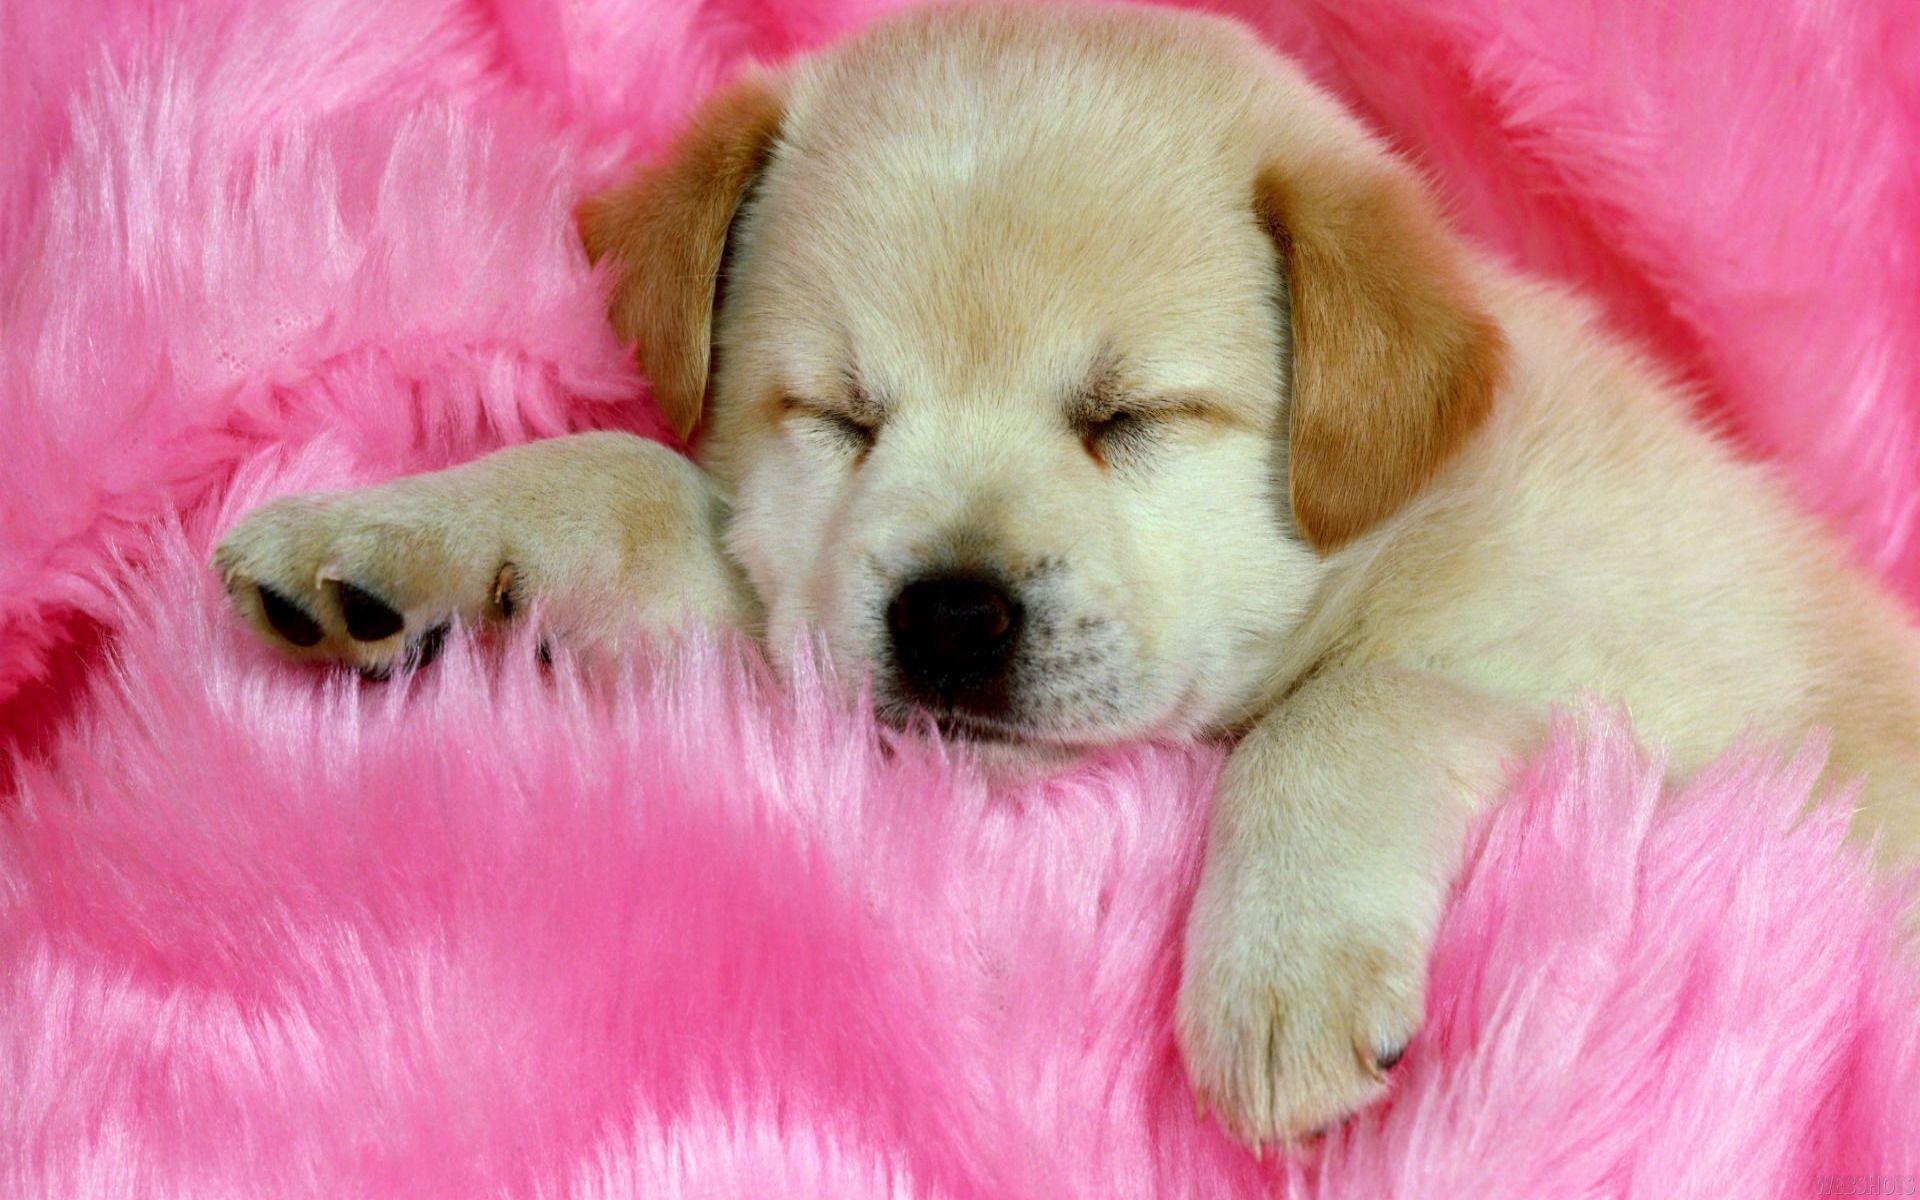 Puppy Dog Wallpaper Normal X Iwallhd Wallpaper Hd Wallpapers